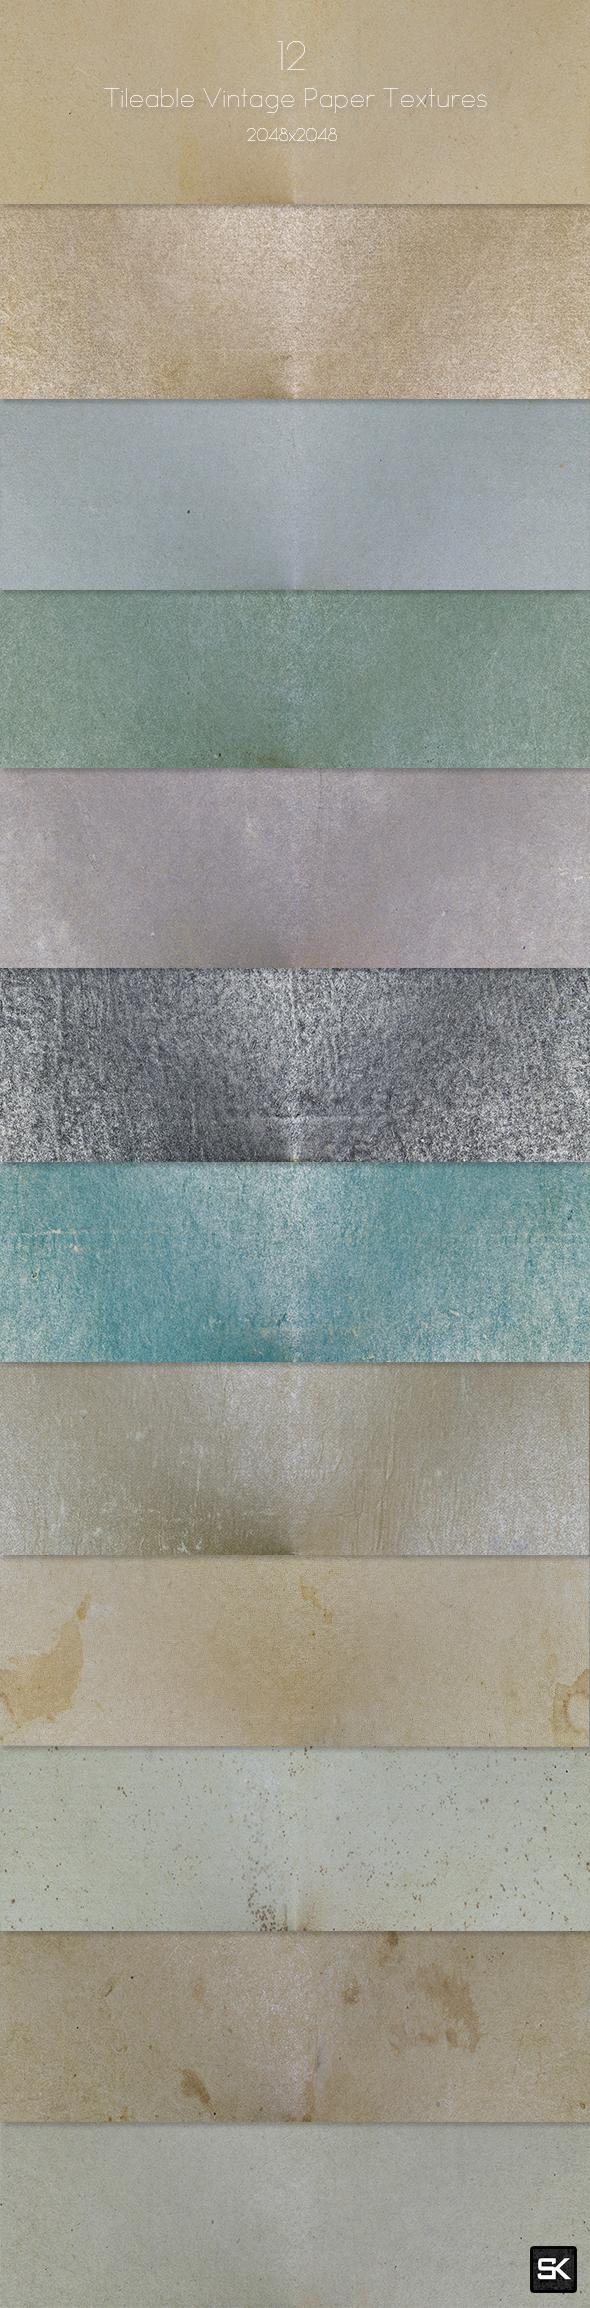 12 Tileable Vintage Paper Textures - Miscellaneous Textures / Fills / Patterns